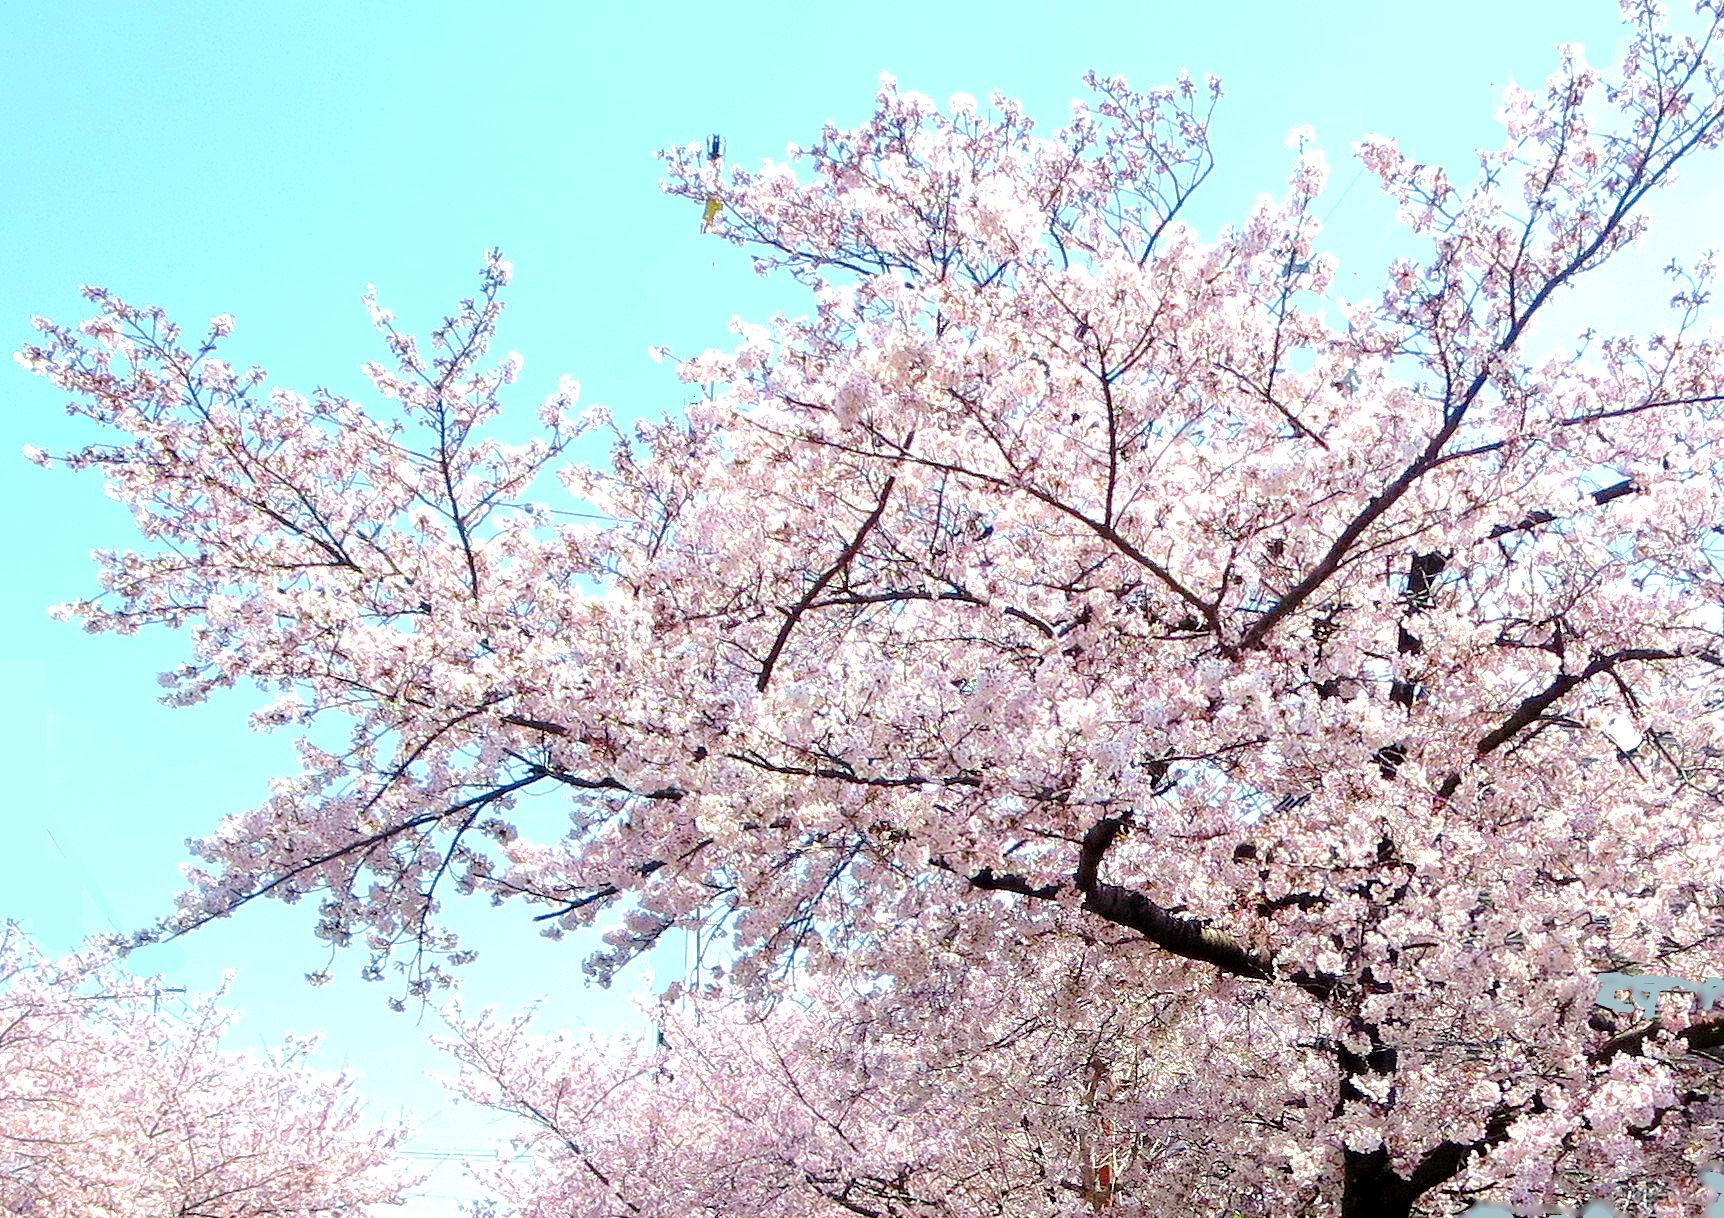 ①「近所の街路樹-1」